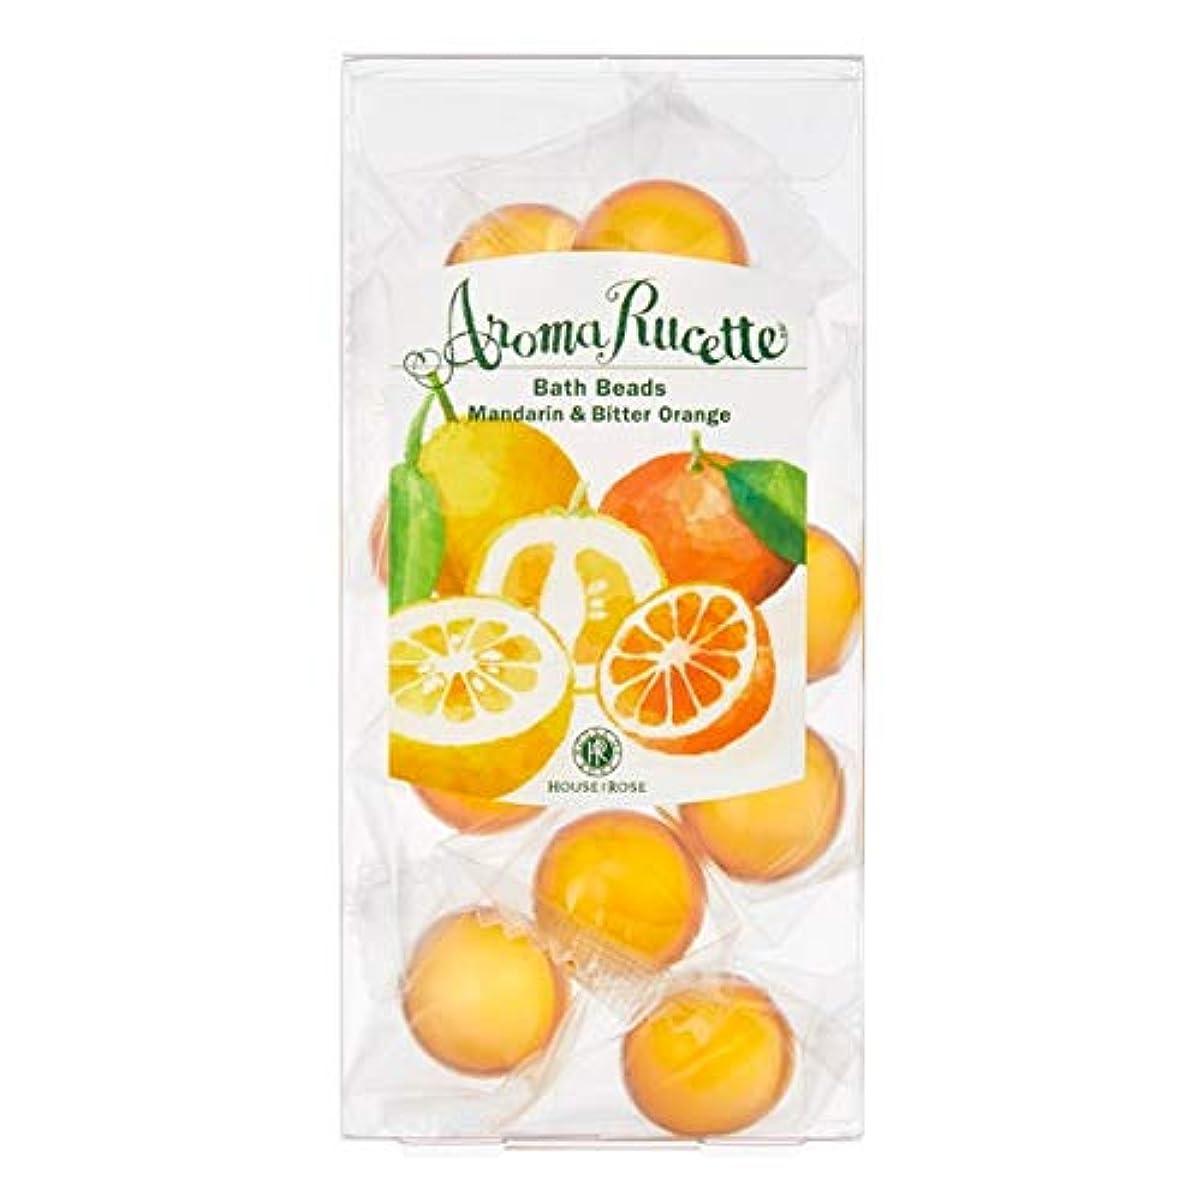 承認する農業の引き出しHOUSE OF ROSE(ハウスオブローゼ) ハウスオブローゼ/アロマルセット バスビーズ MD&BO(マンダリン&ビターオレンジの香り) 7g×11個